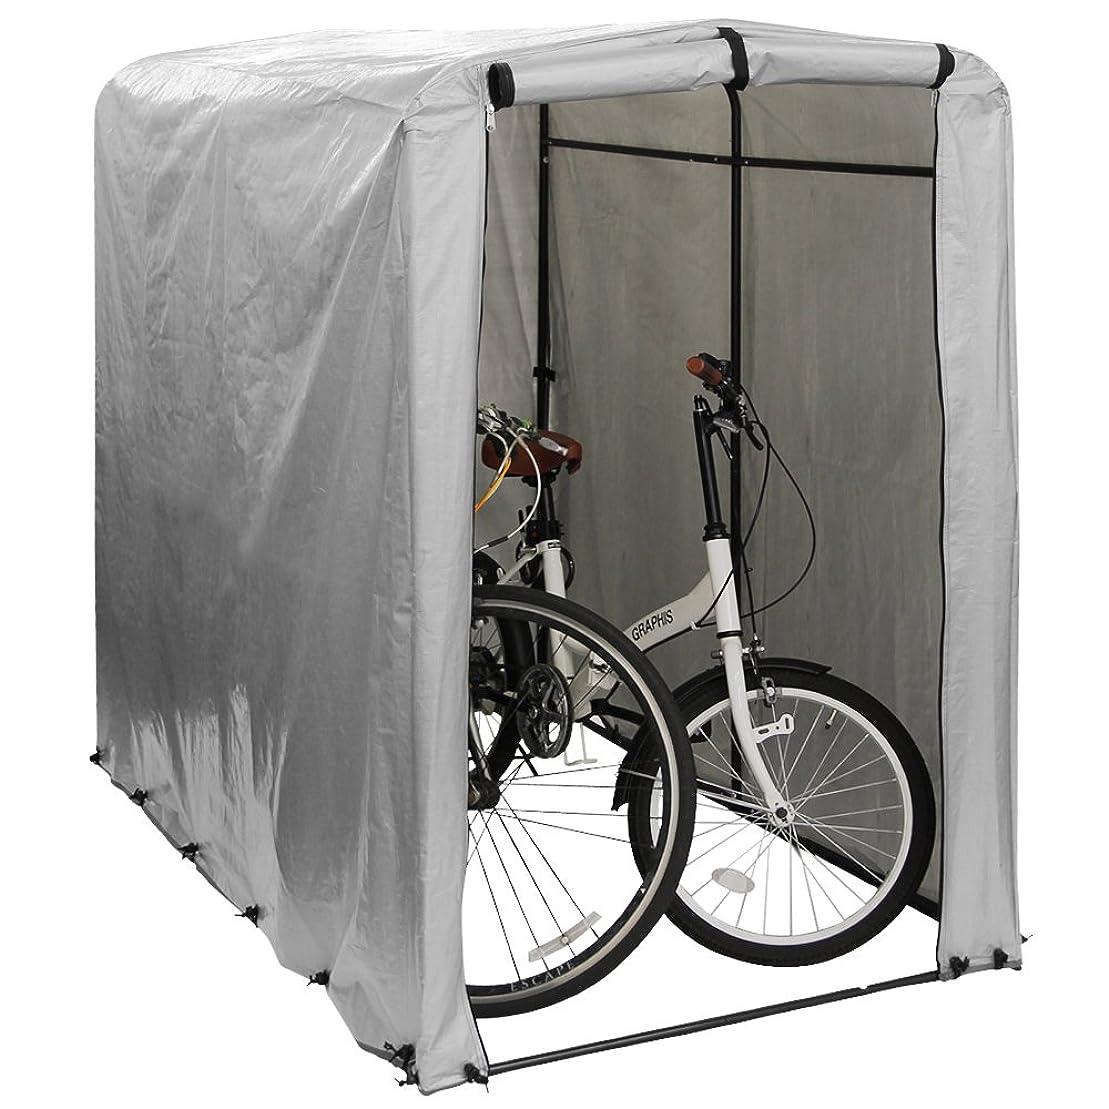 破産ランダム静脈WEIMALL 自転車 サイクルハウス 簡易ガレージ 家庭用 自転車置き場 2台用